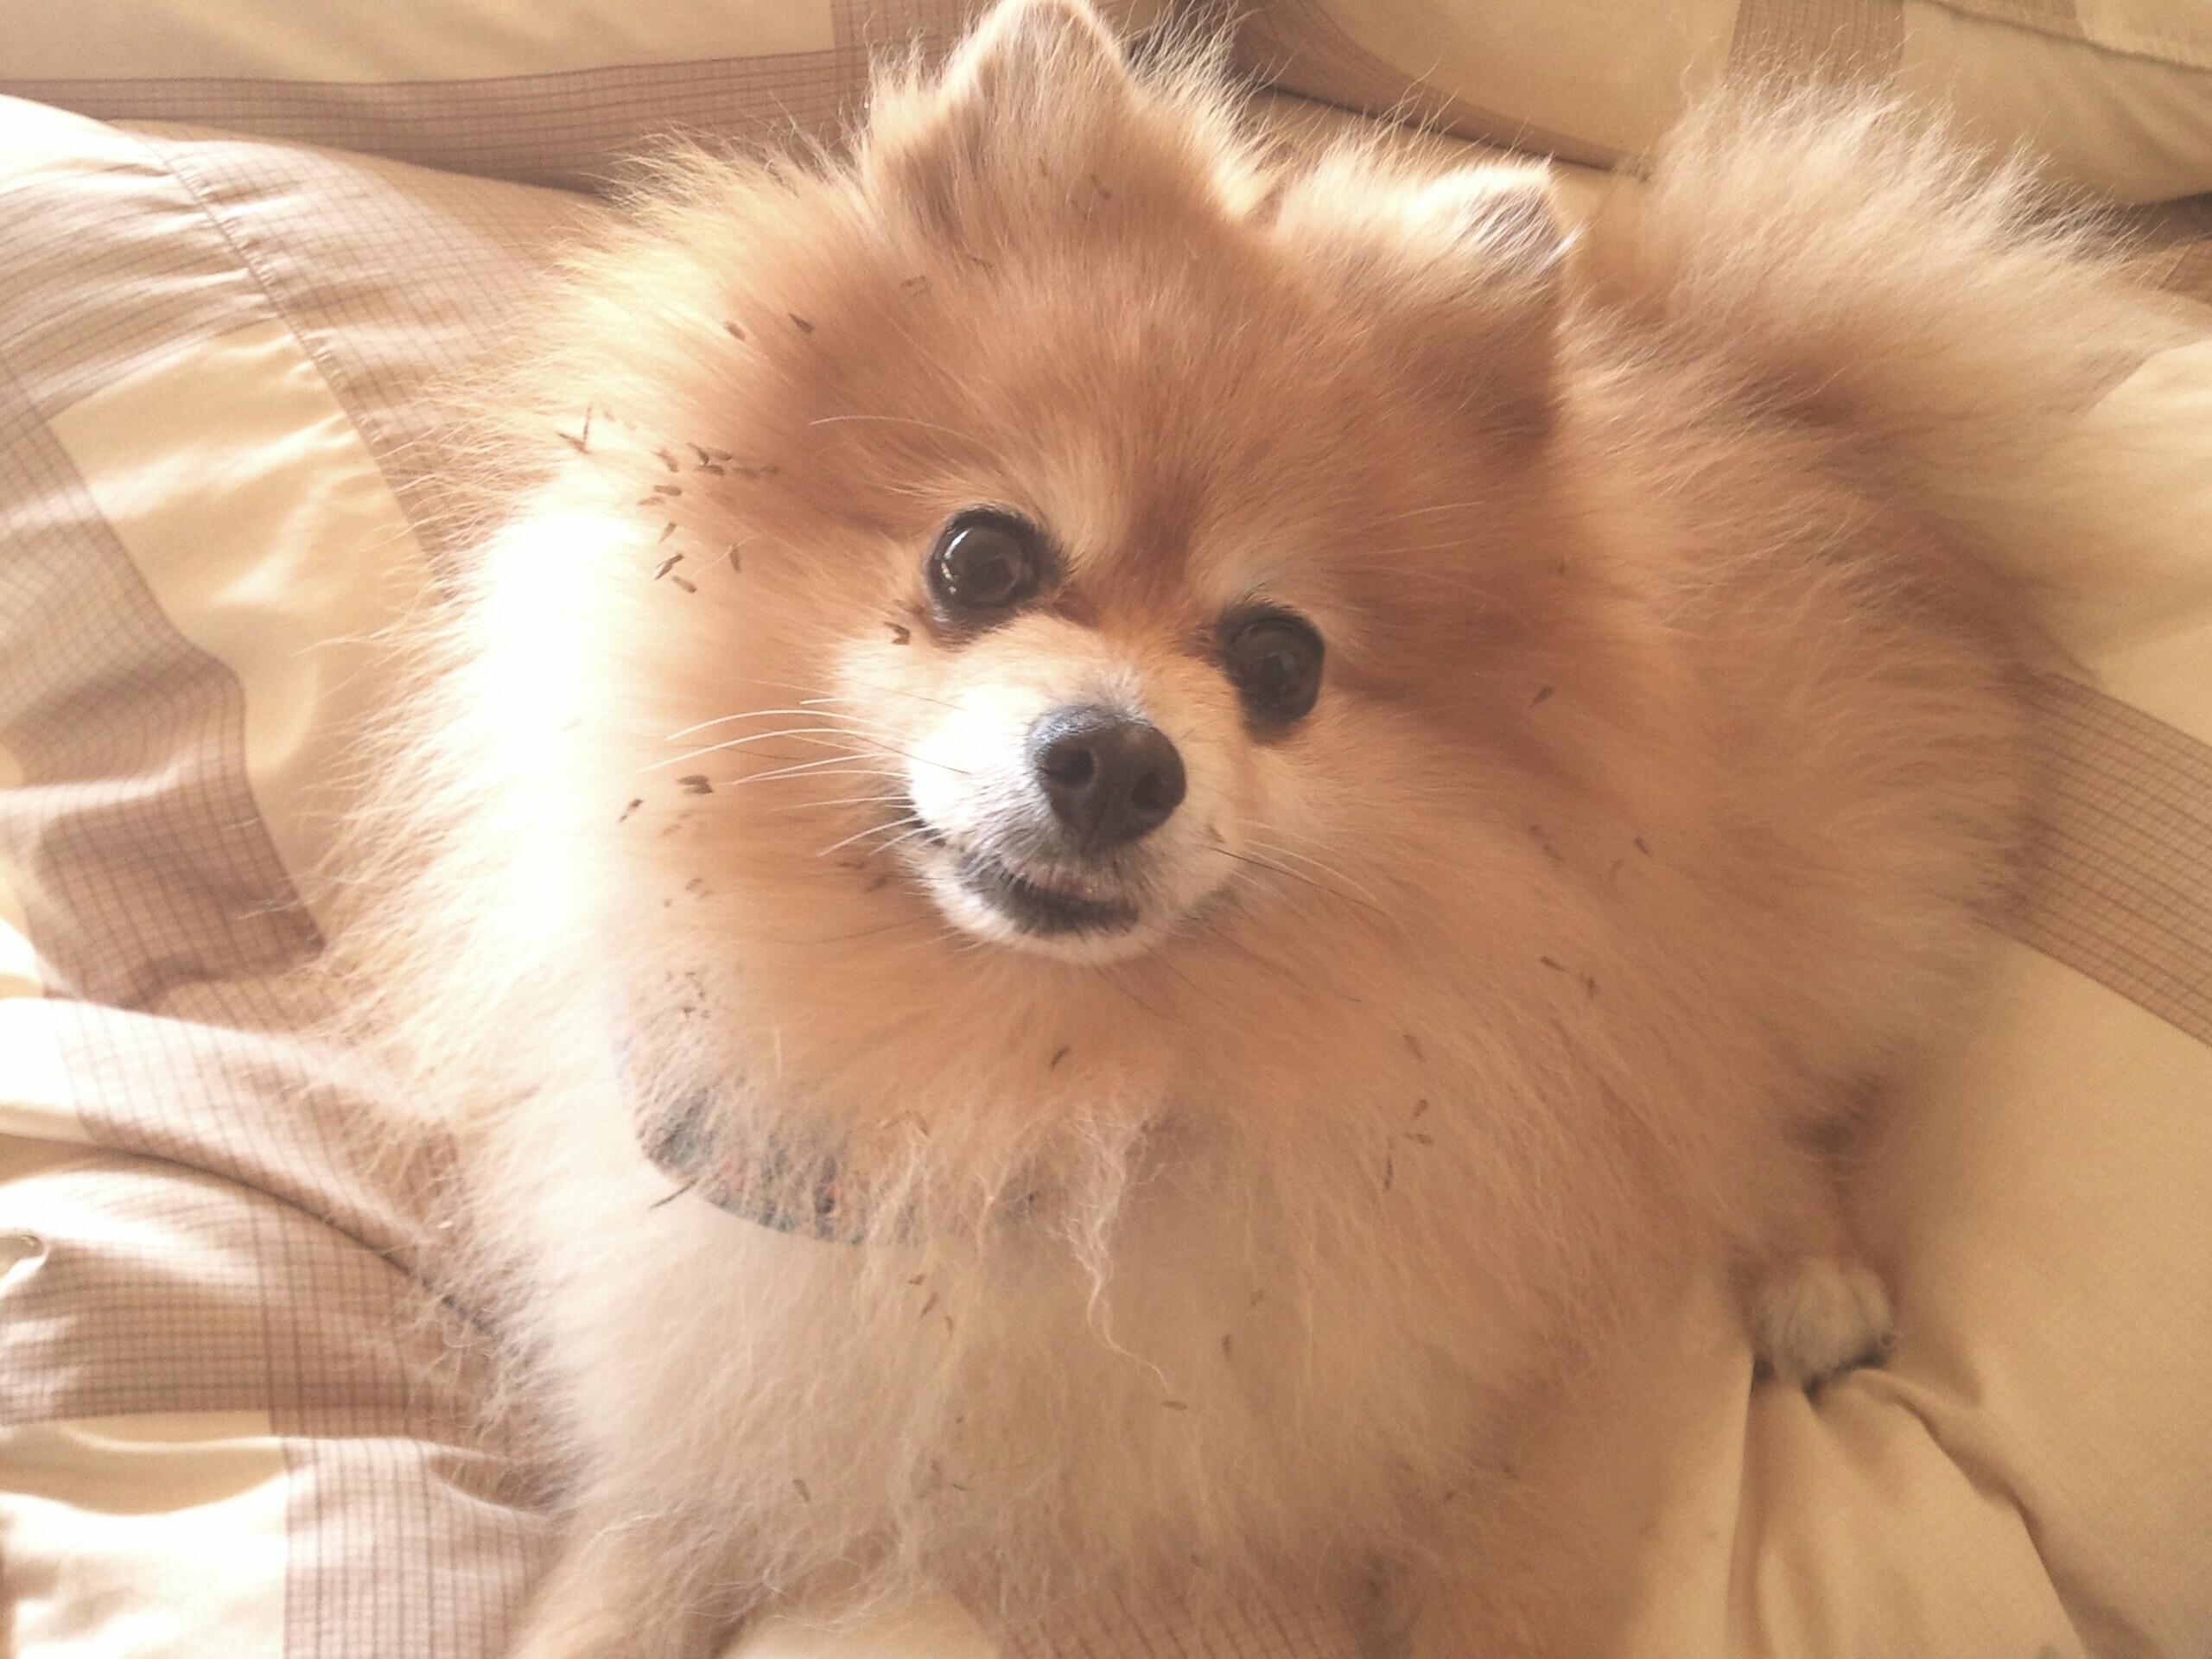 kawaiijapanかわいいポメラニアン老犬天国の愛犬おちゃめなアイドル